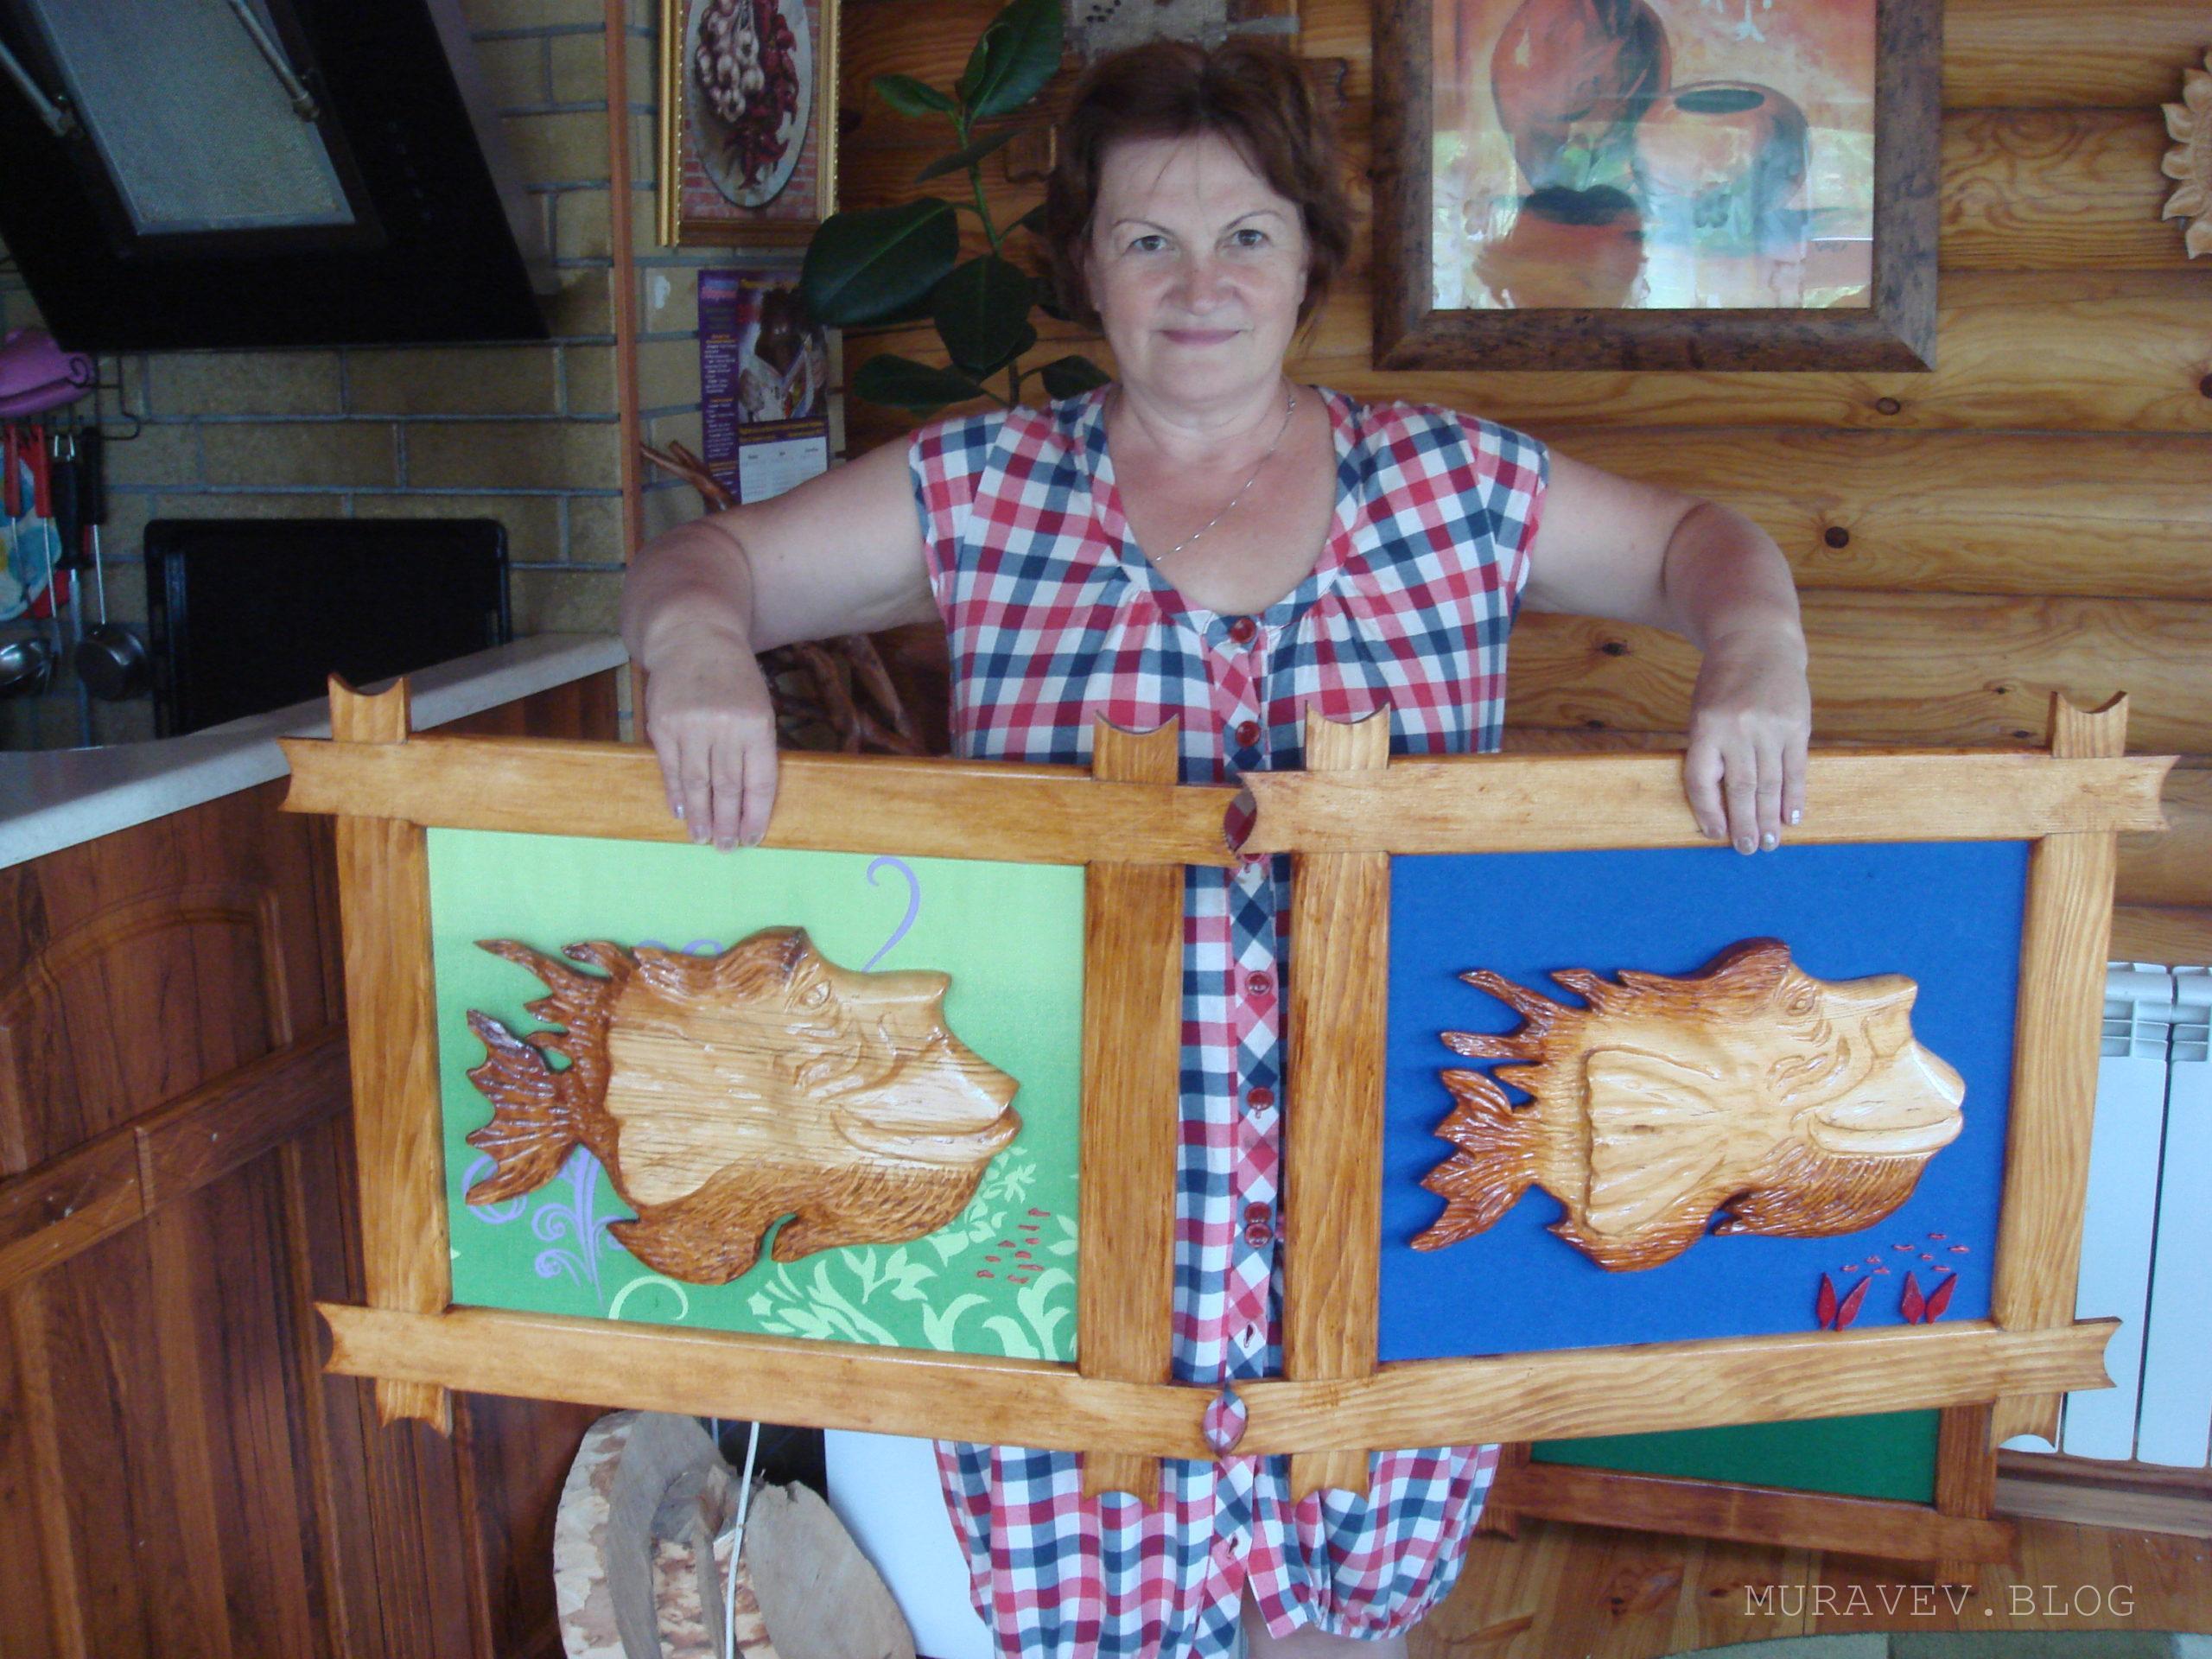 картина из спила дерева своими руками рыба